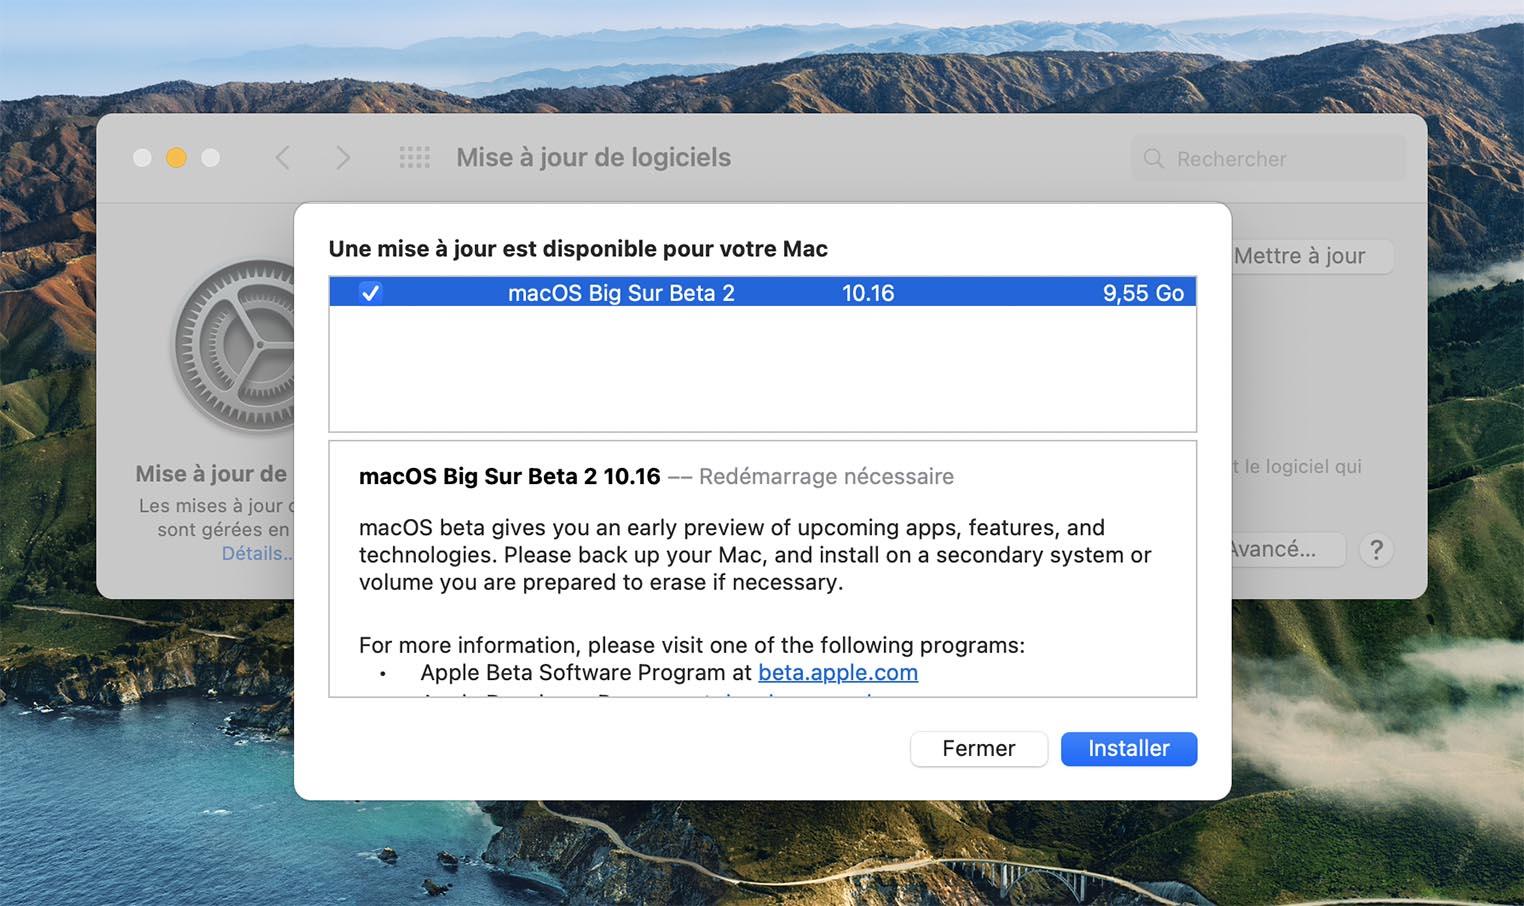 macOS Big Sur Bêta 2